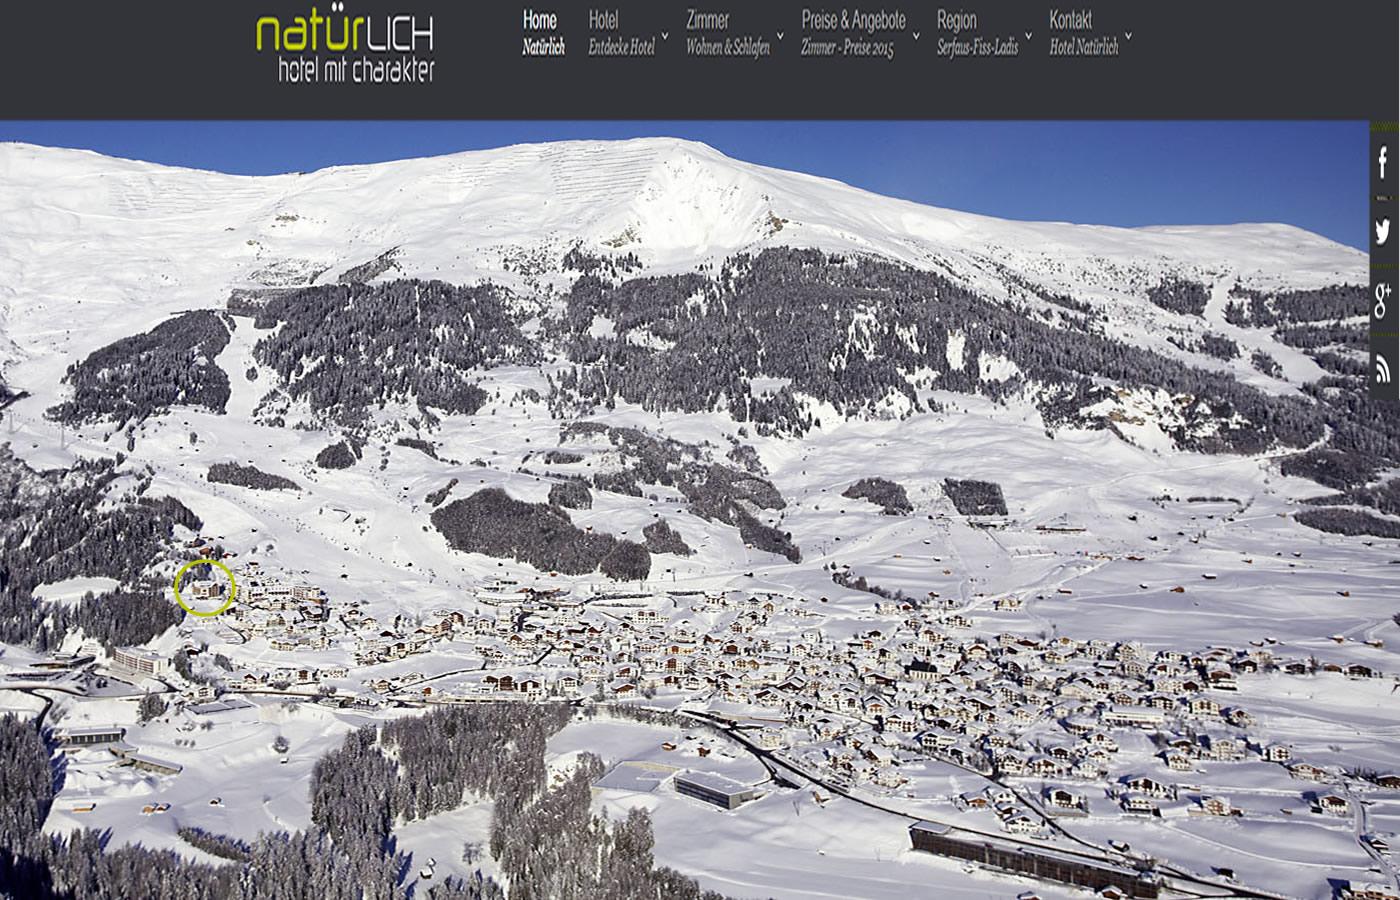 Natur_Tirol_Fiss_1